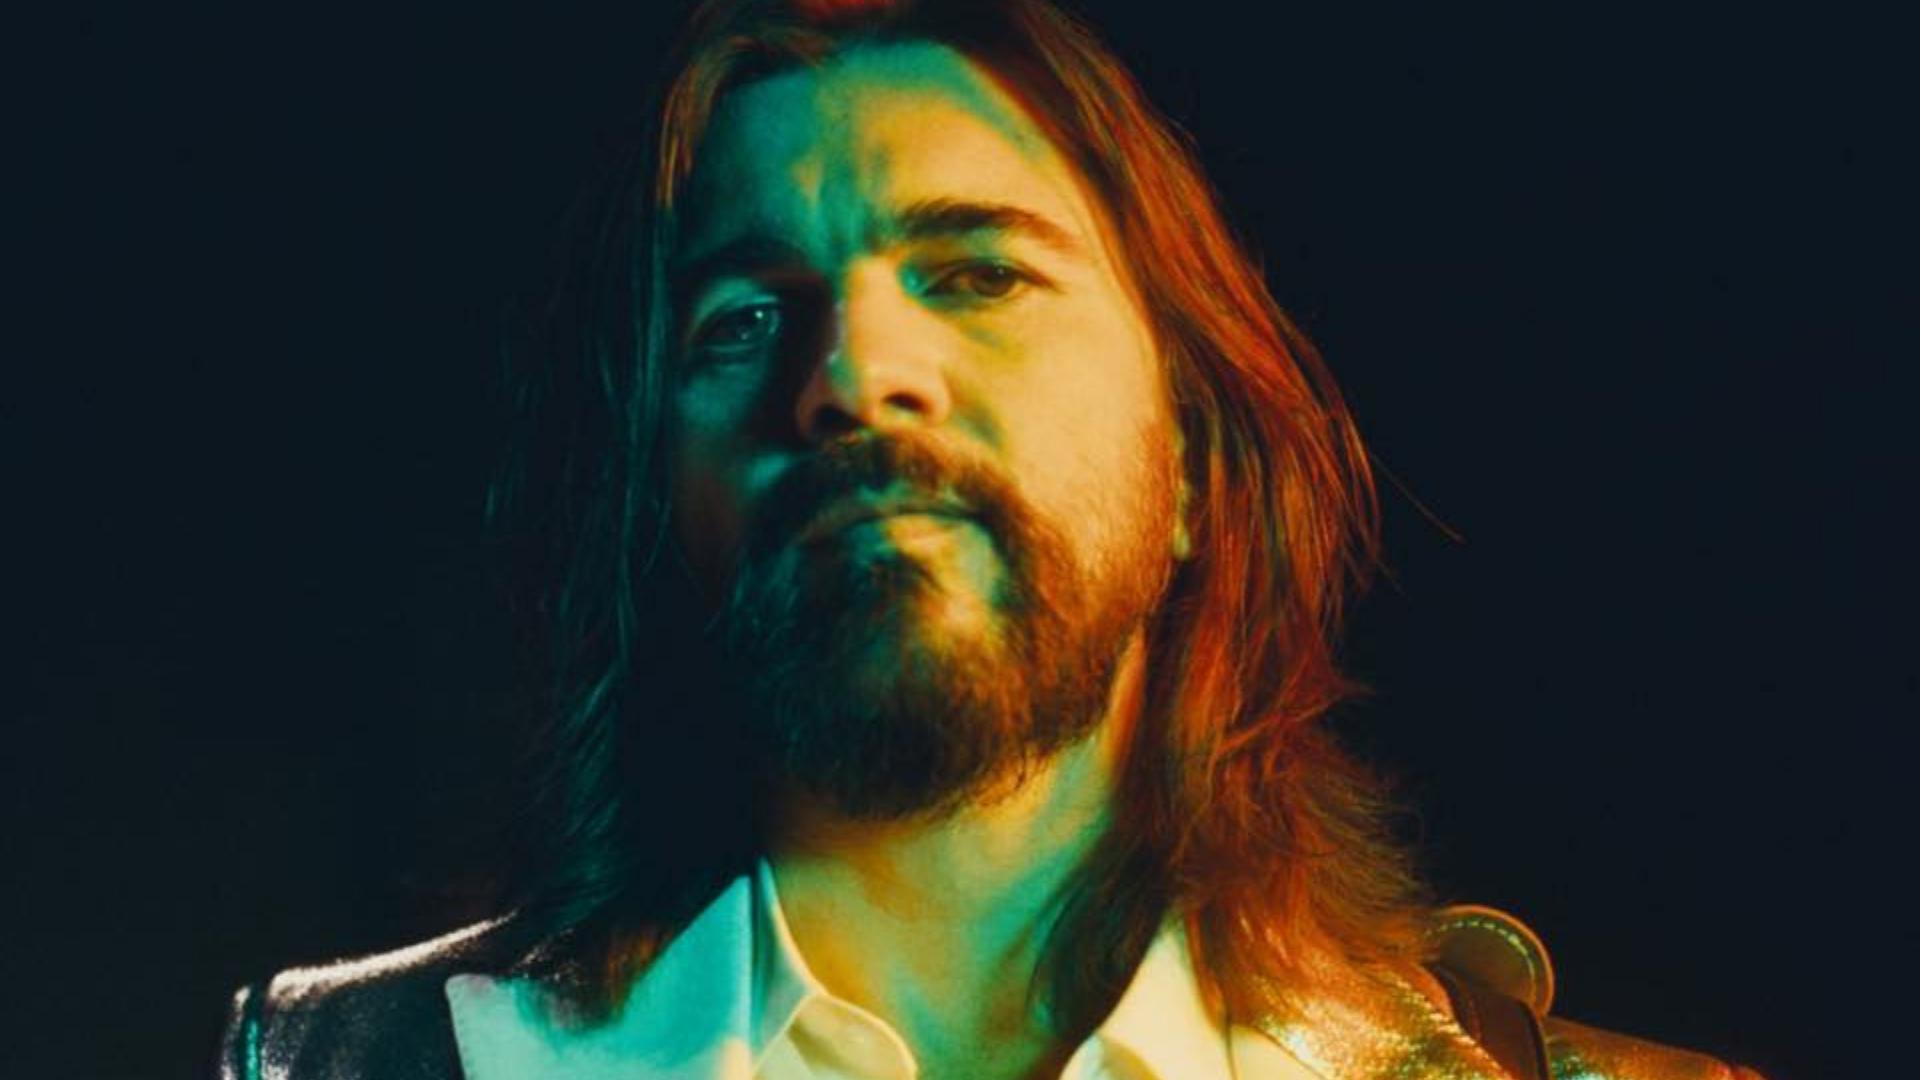 """Juanes lanzó, en asociación con Facebook, el video oficial de """"La Bilirrubina"""". La canción se desprende de su exitoso y más reciente álbum """"Origen""""."""